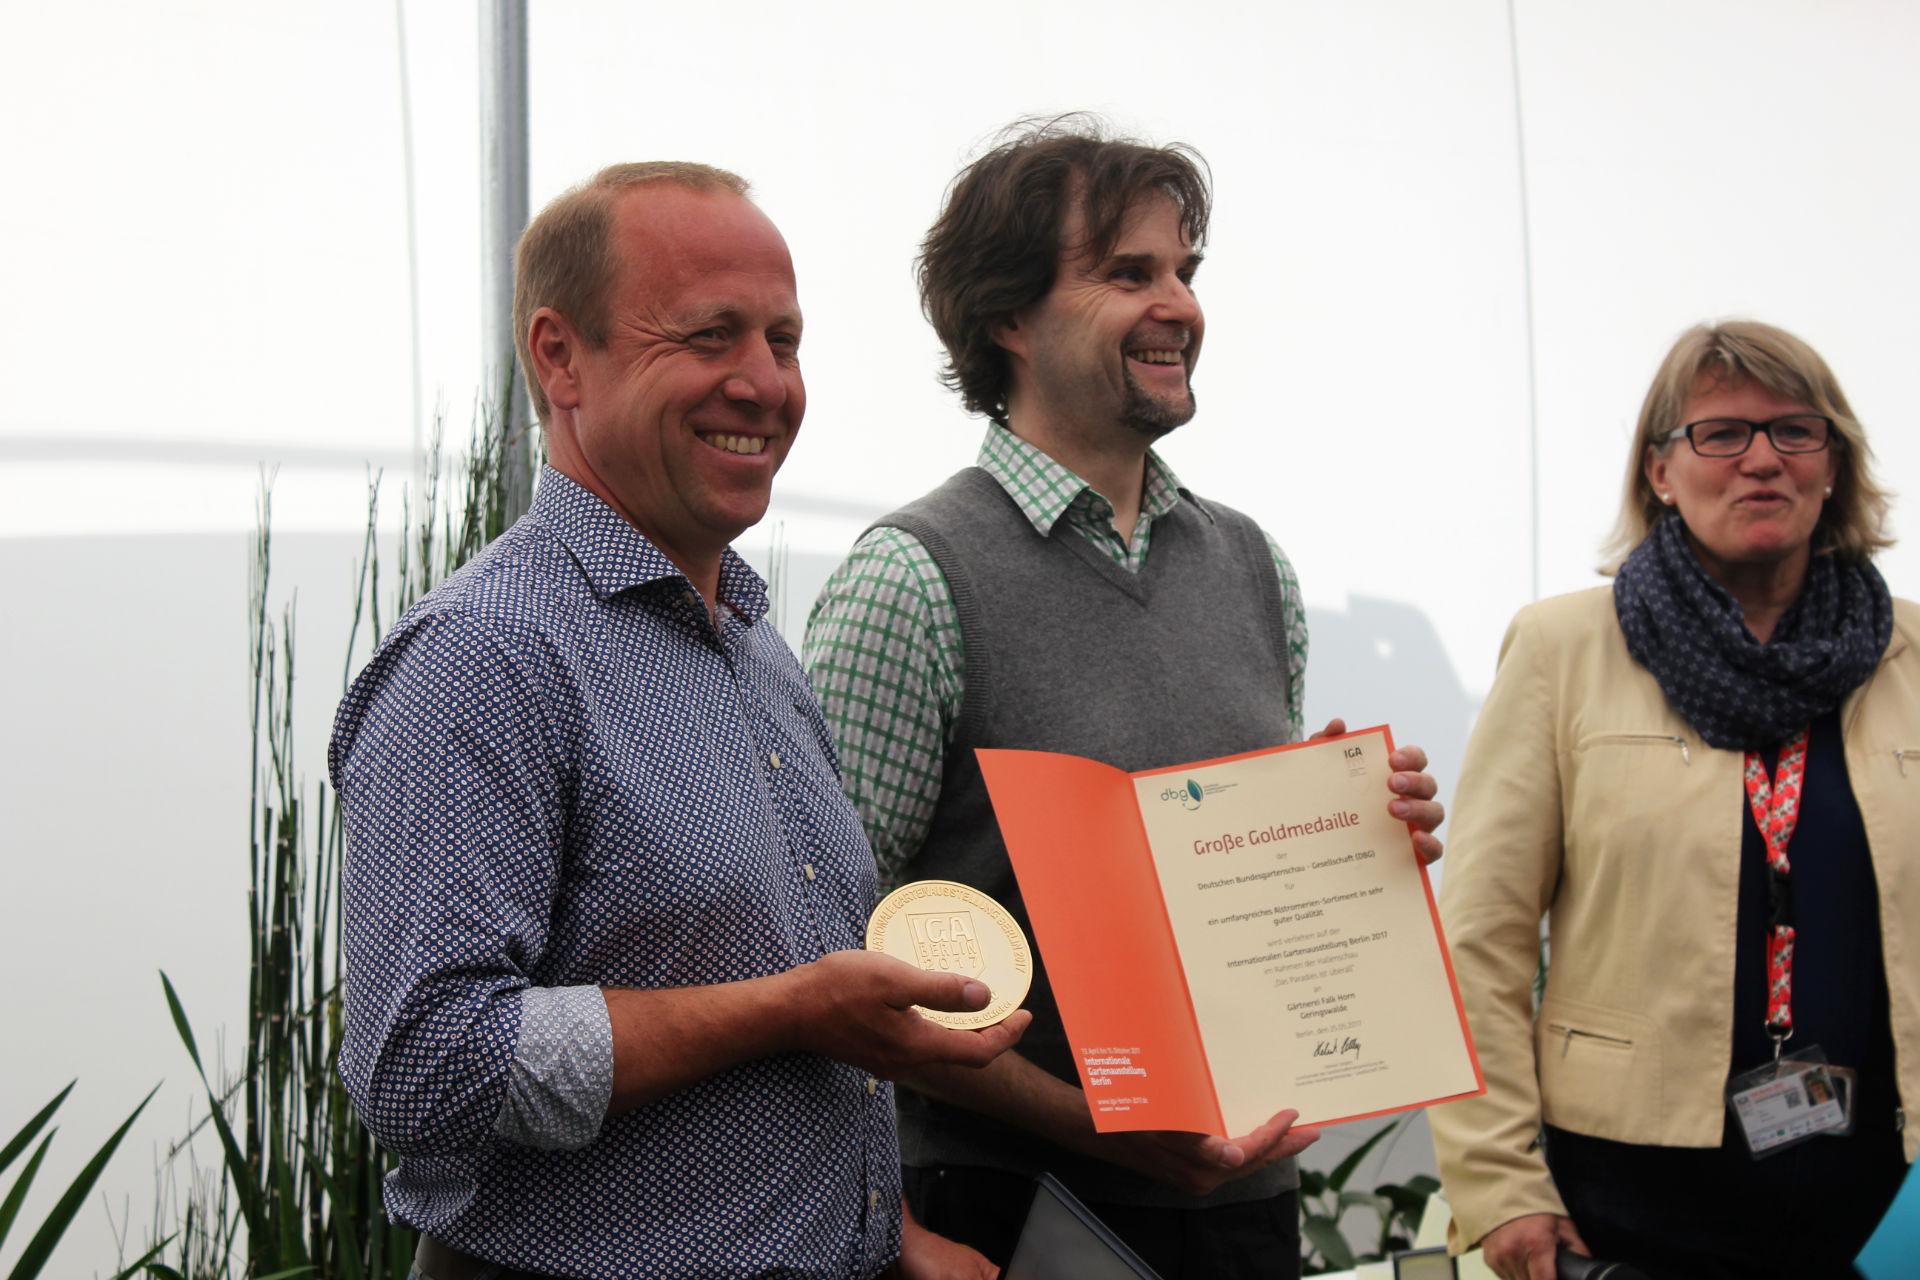 Gärtnerei_Falk_Horn_Auszeichnung_Grosse_Goldmedaille_2017_Berlin